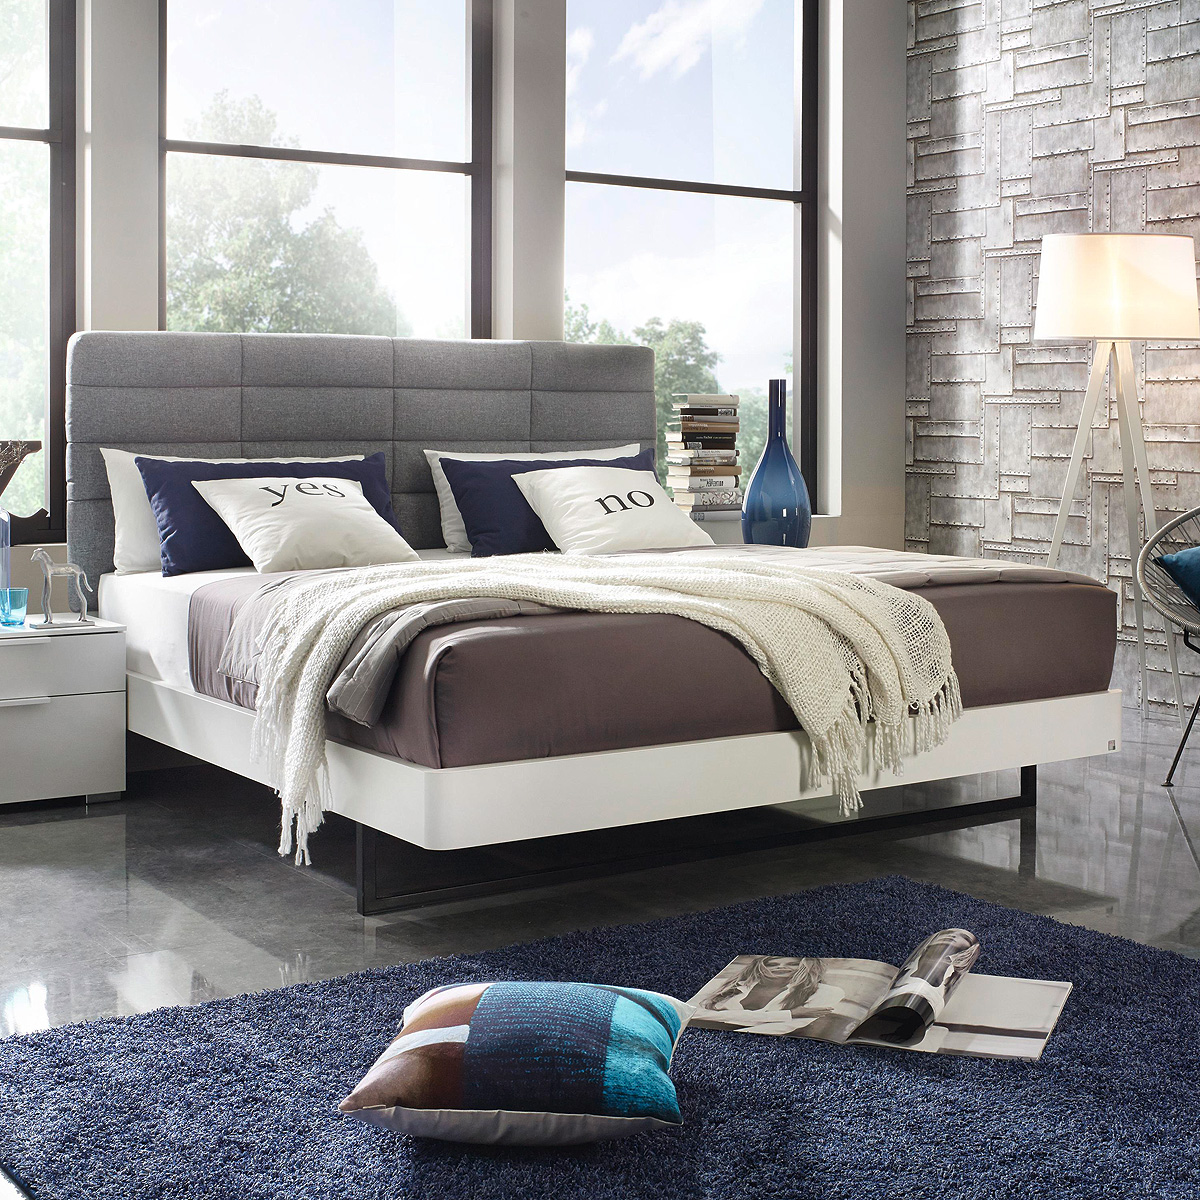 bett davia schlafzimmerbett futonbett in wei mit polster hellgrau 180x200 ebay. Black Bedroom Furniture Sets. Home Design Ideas